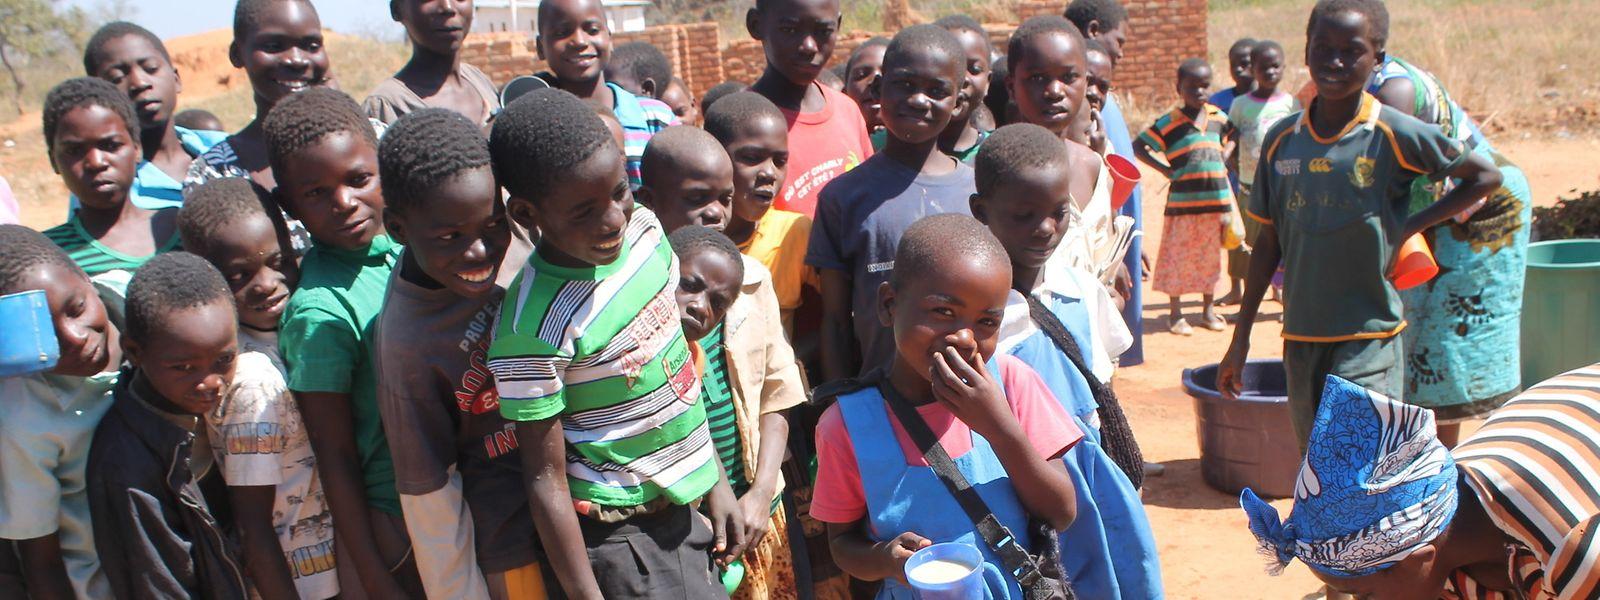 In Malawi erhalten mittlerweile fast 30 Prozent aller Grundschulkinder jeden Tag eine Mahlzeit von Mary's Meals.